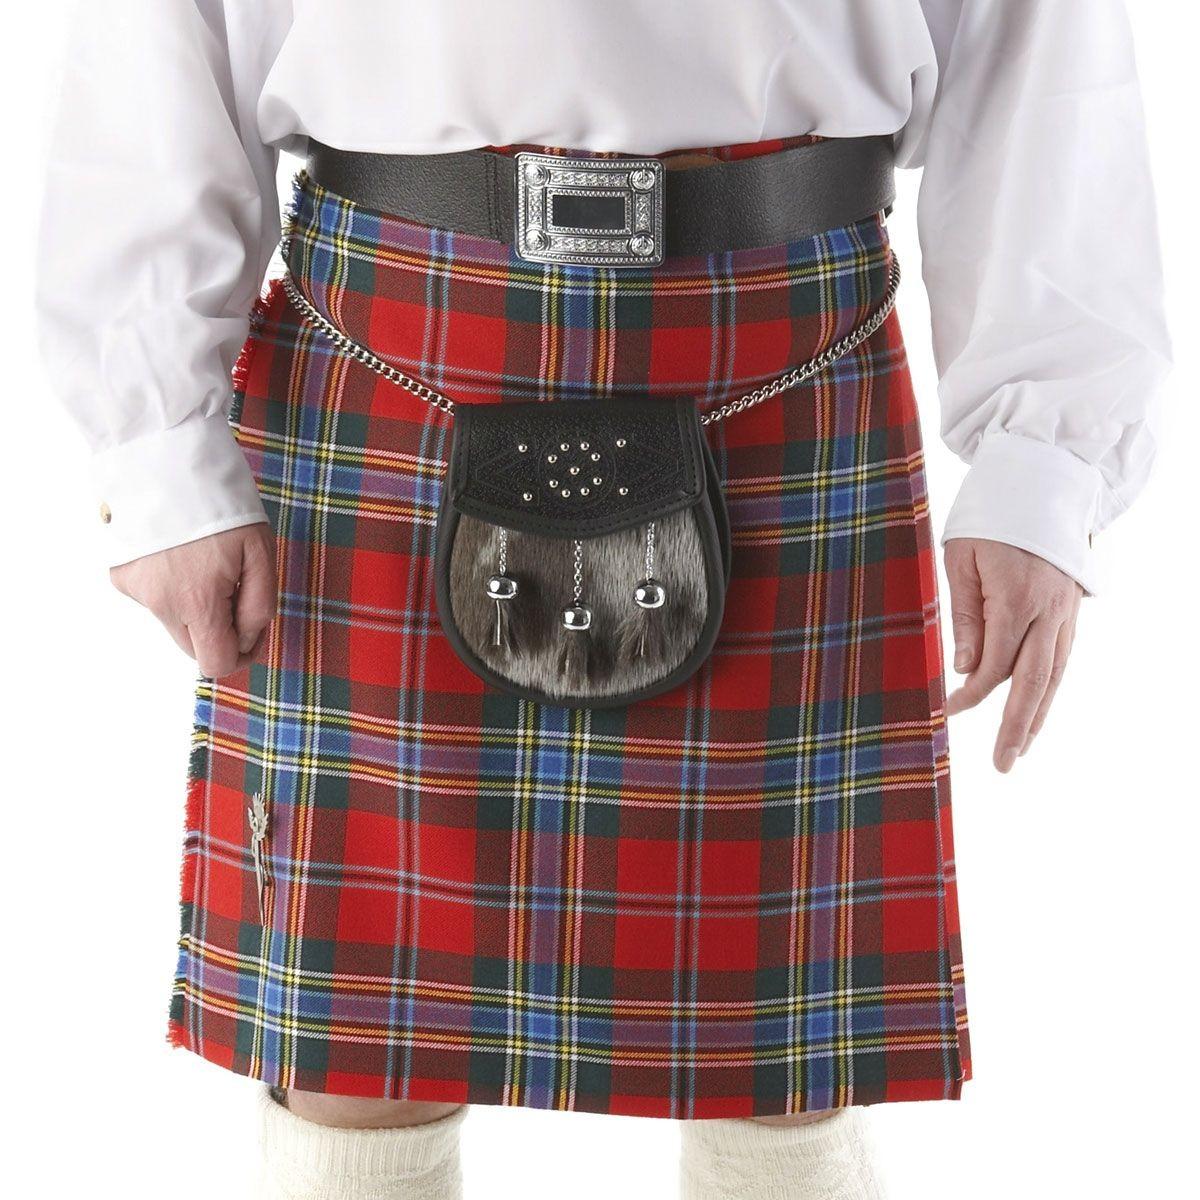 3495bf27bd7 10oz Casual 4 Yard Kilt - Burnett s   Struth Scottish Regalia